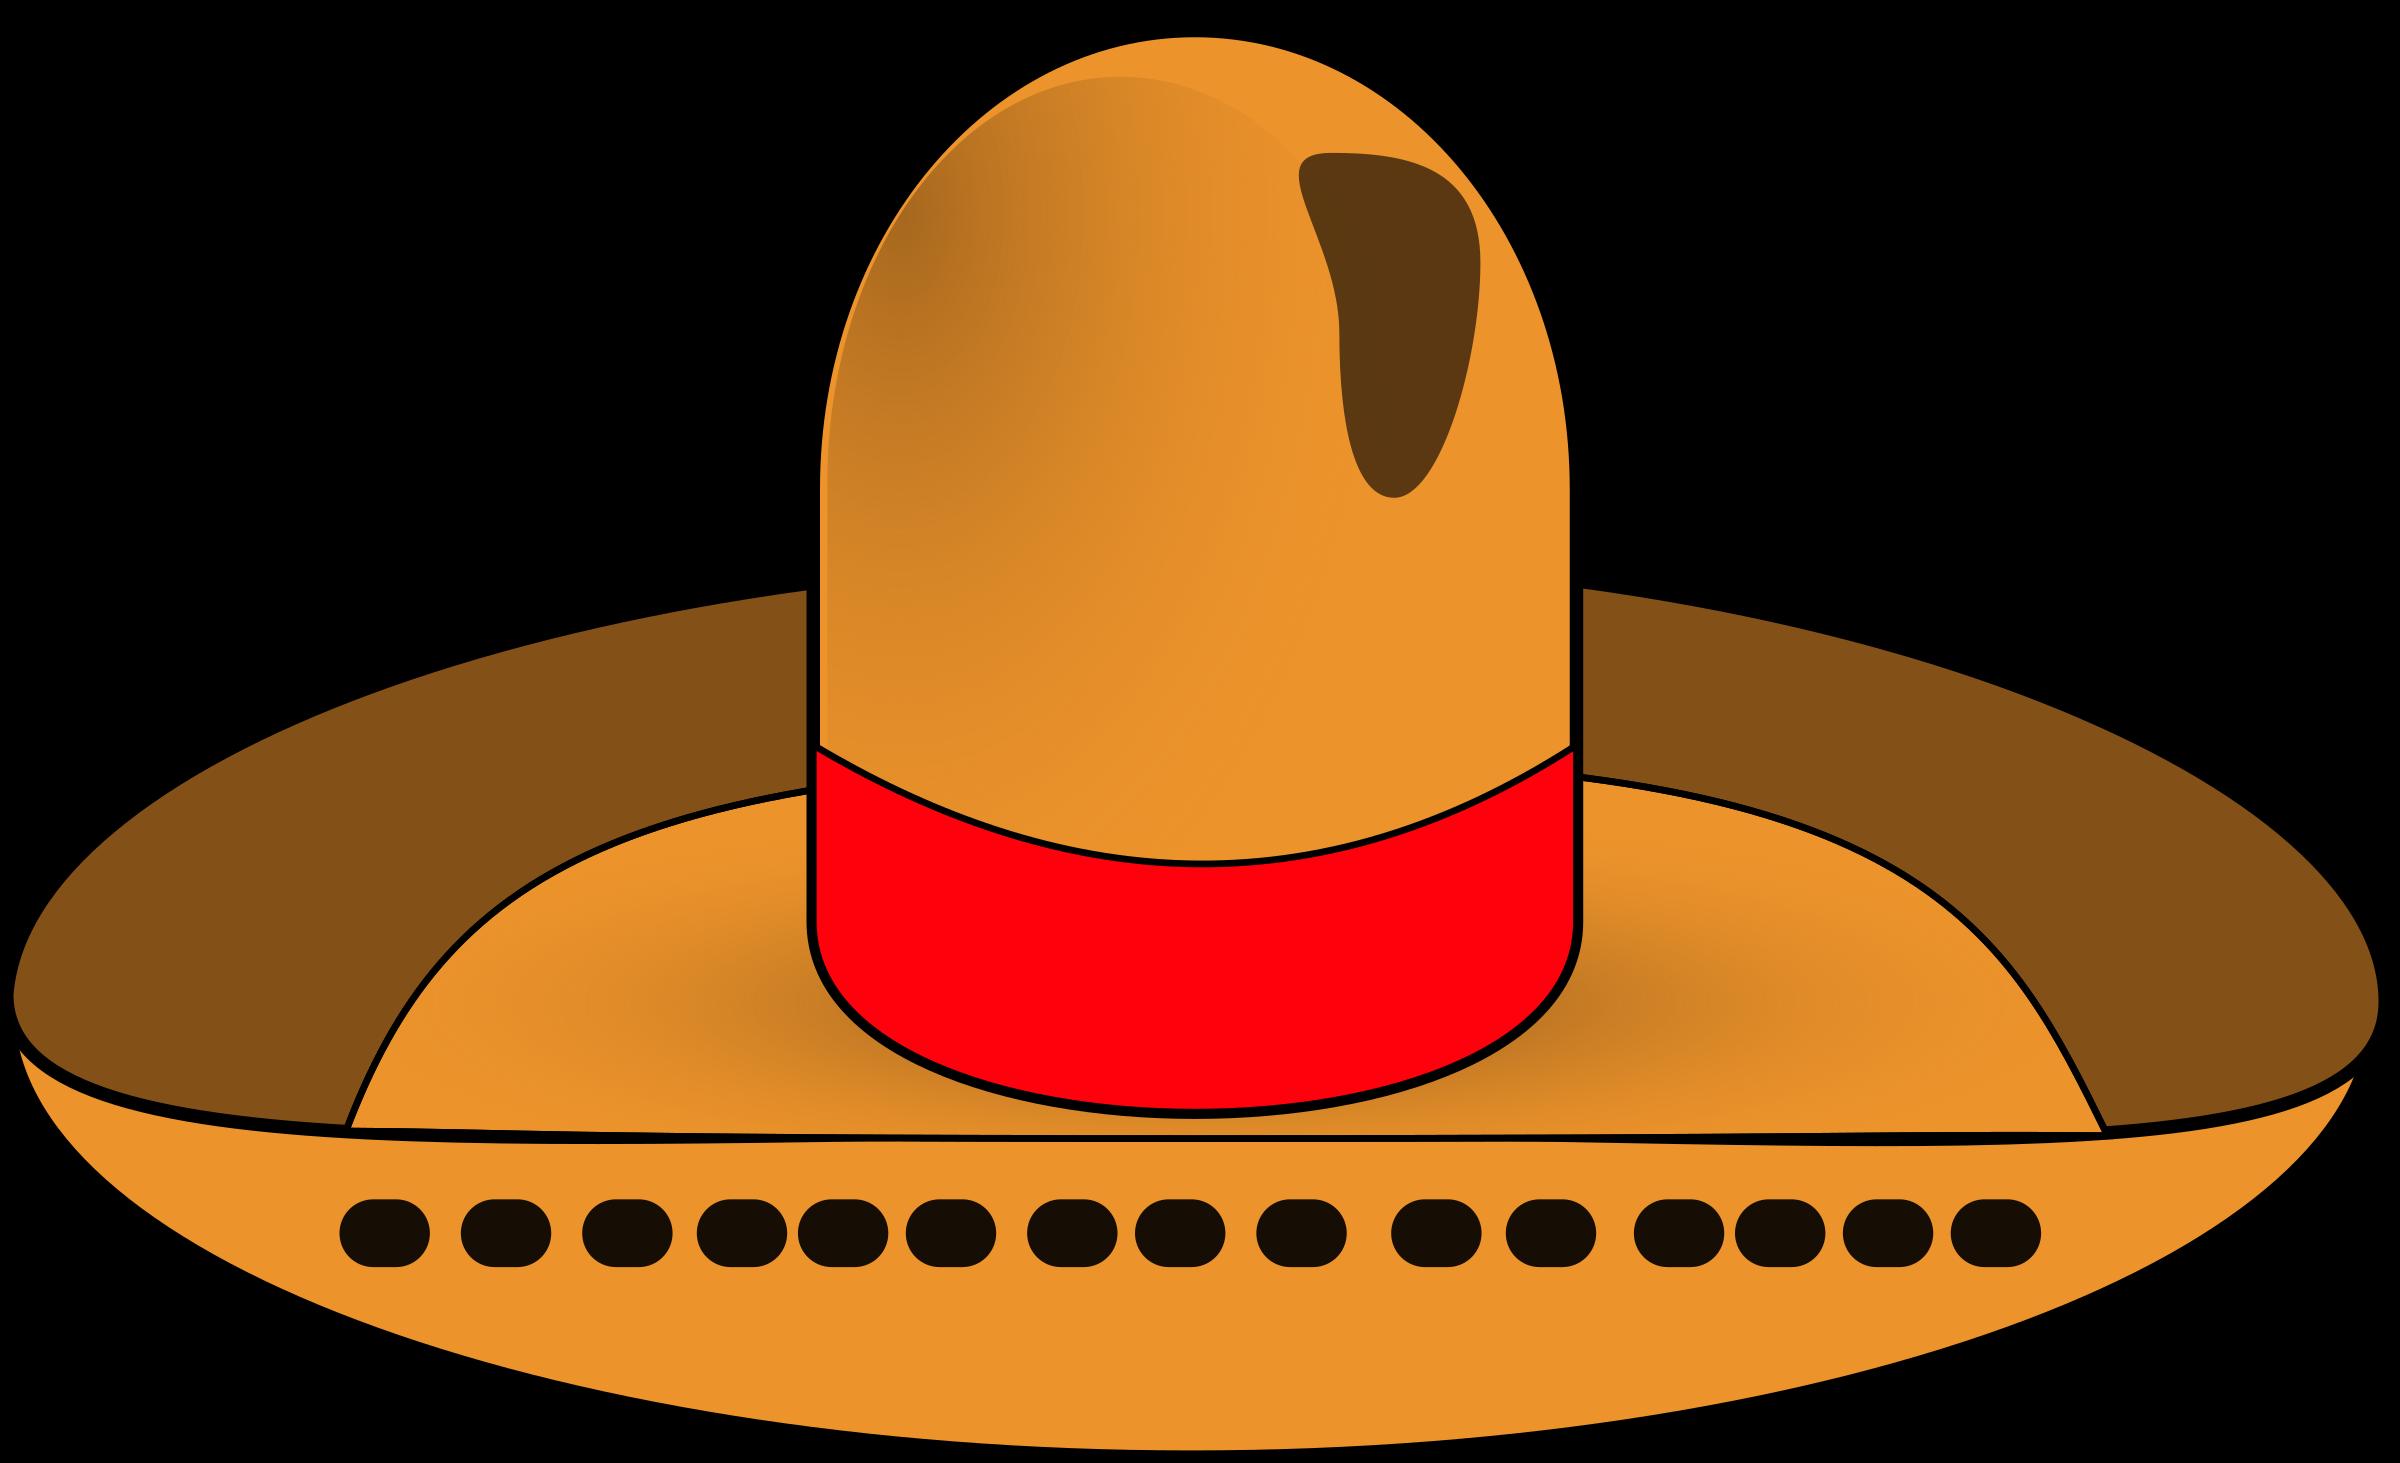 Sombrero Clipart Png.